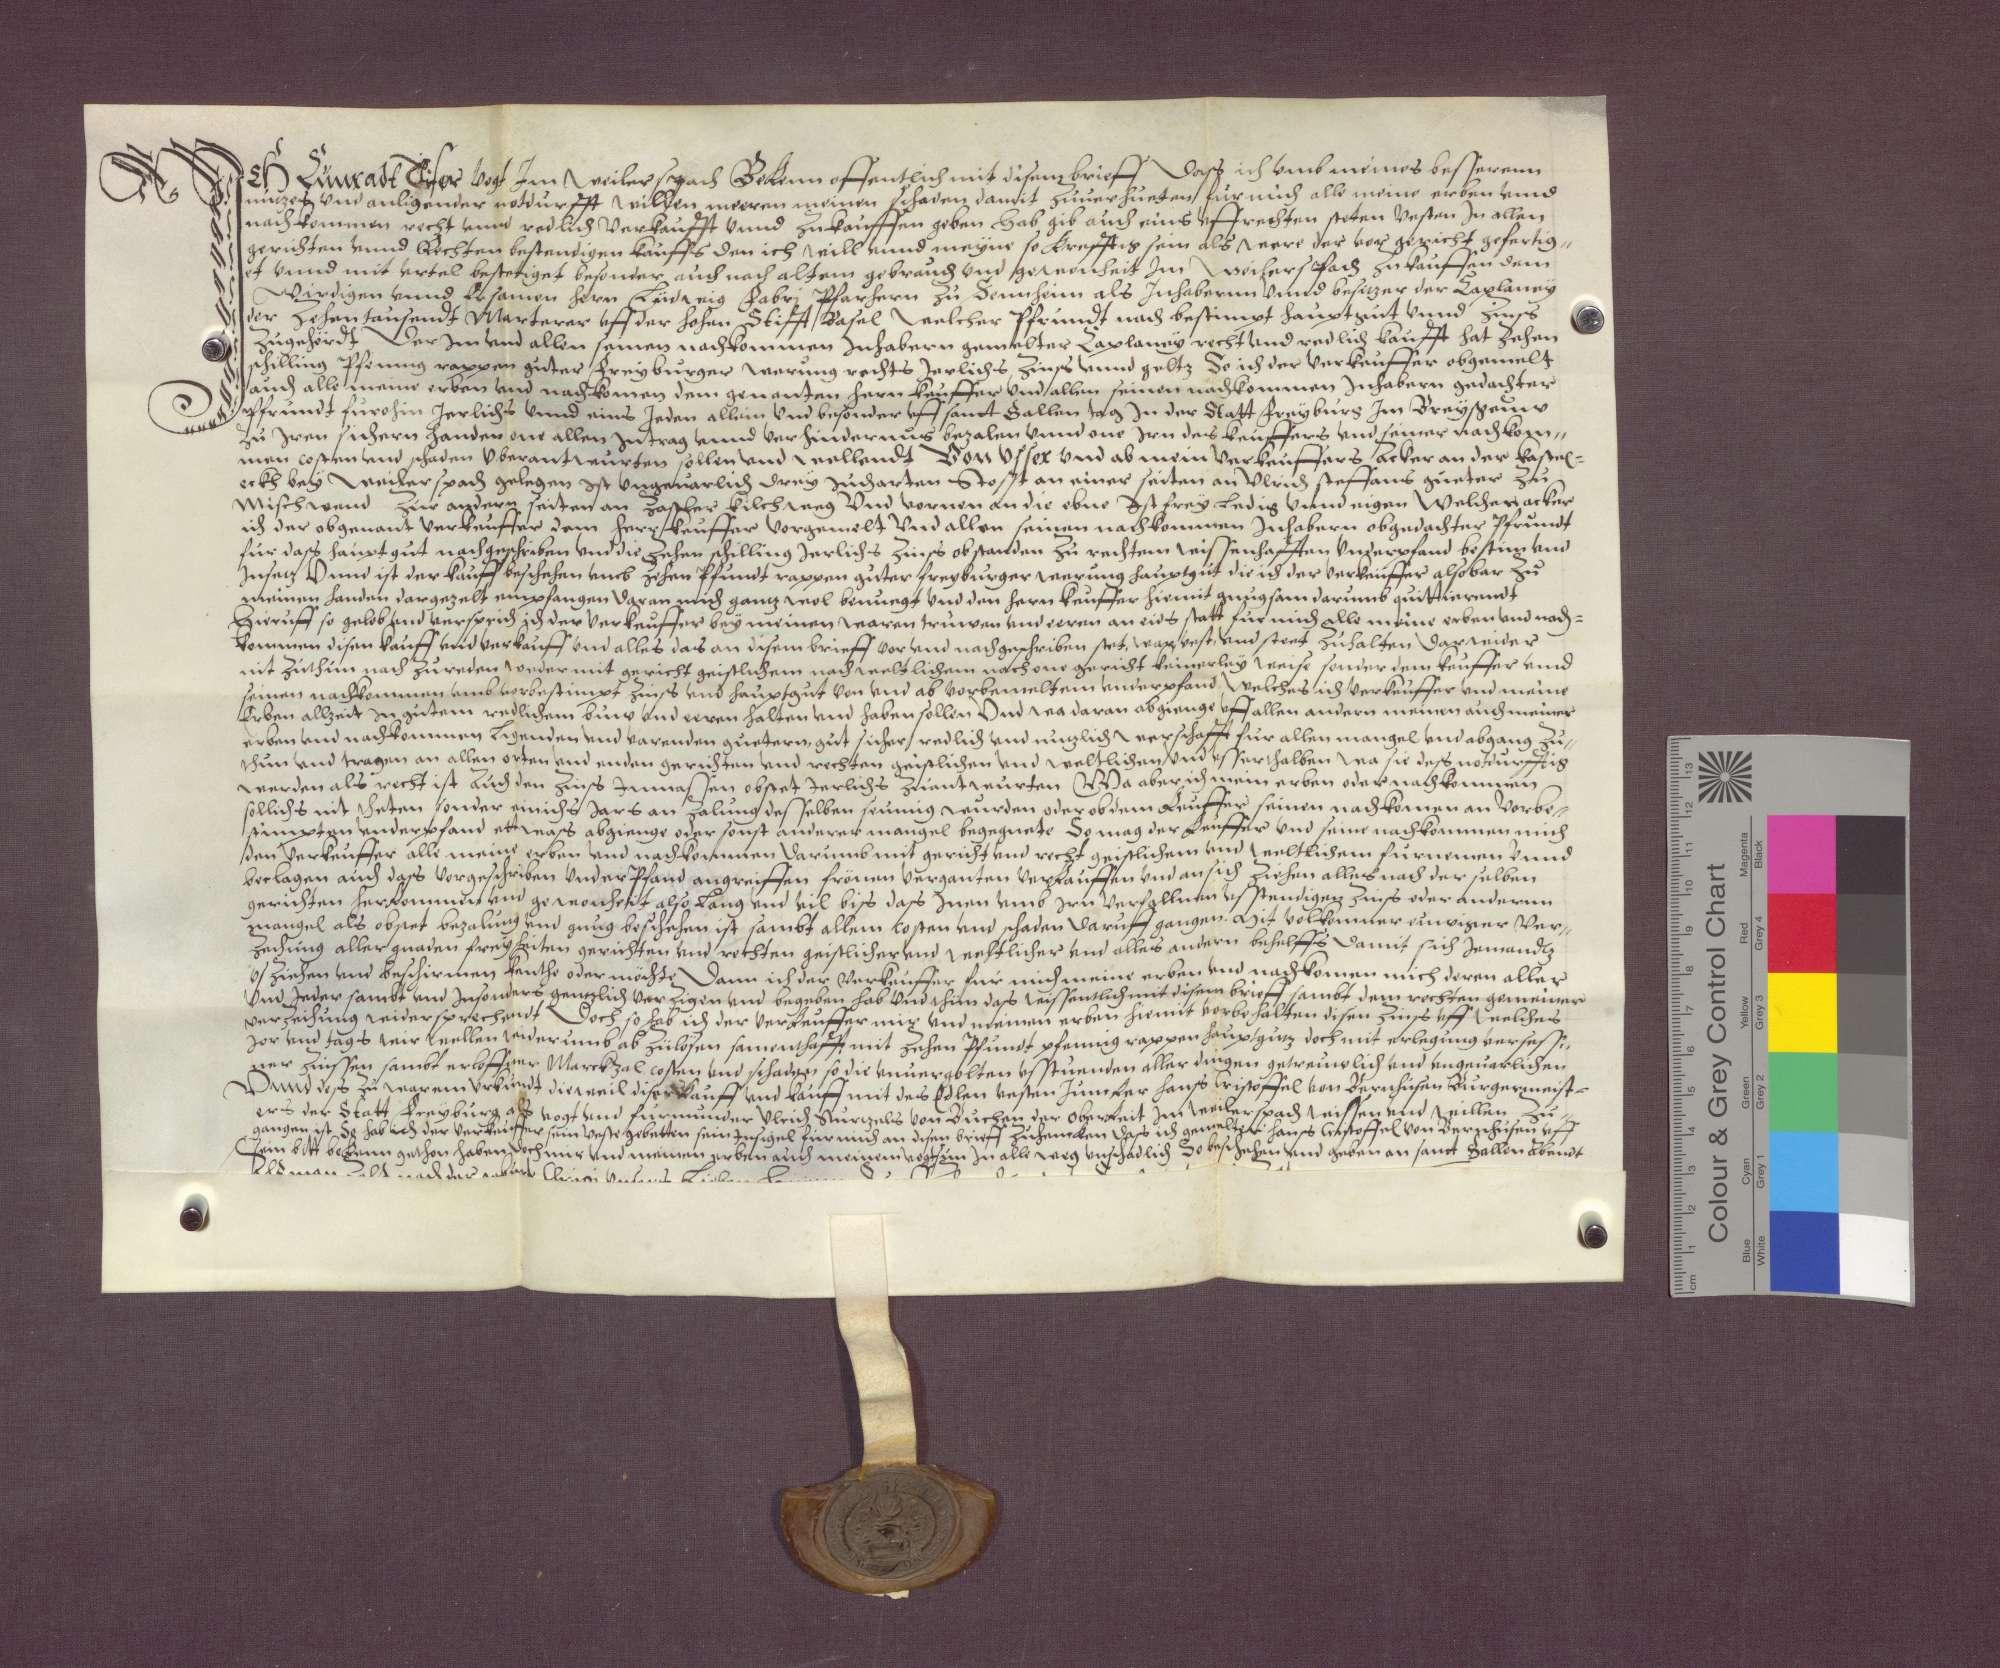 Gültverschreibung des Konrad Tiser zu Weilersbach gegenüber der 10.000 Märtyrer-Pfründe am Basler Domstift., Bild 1